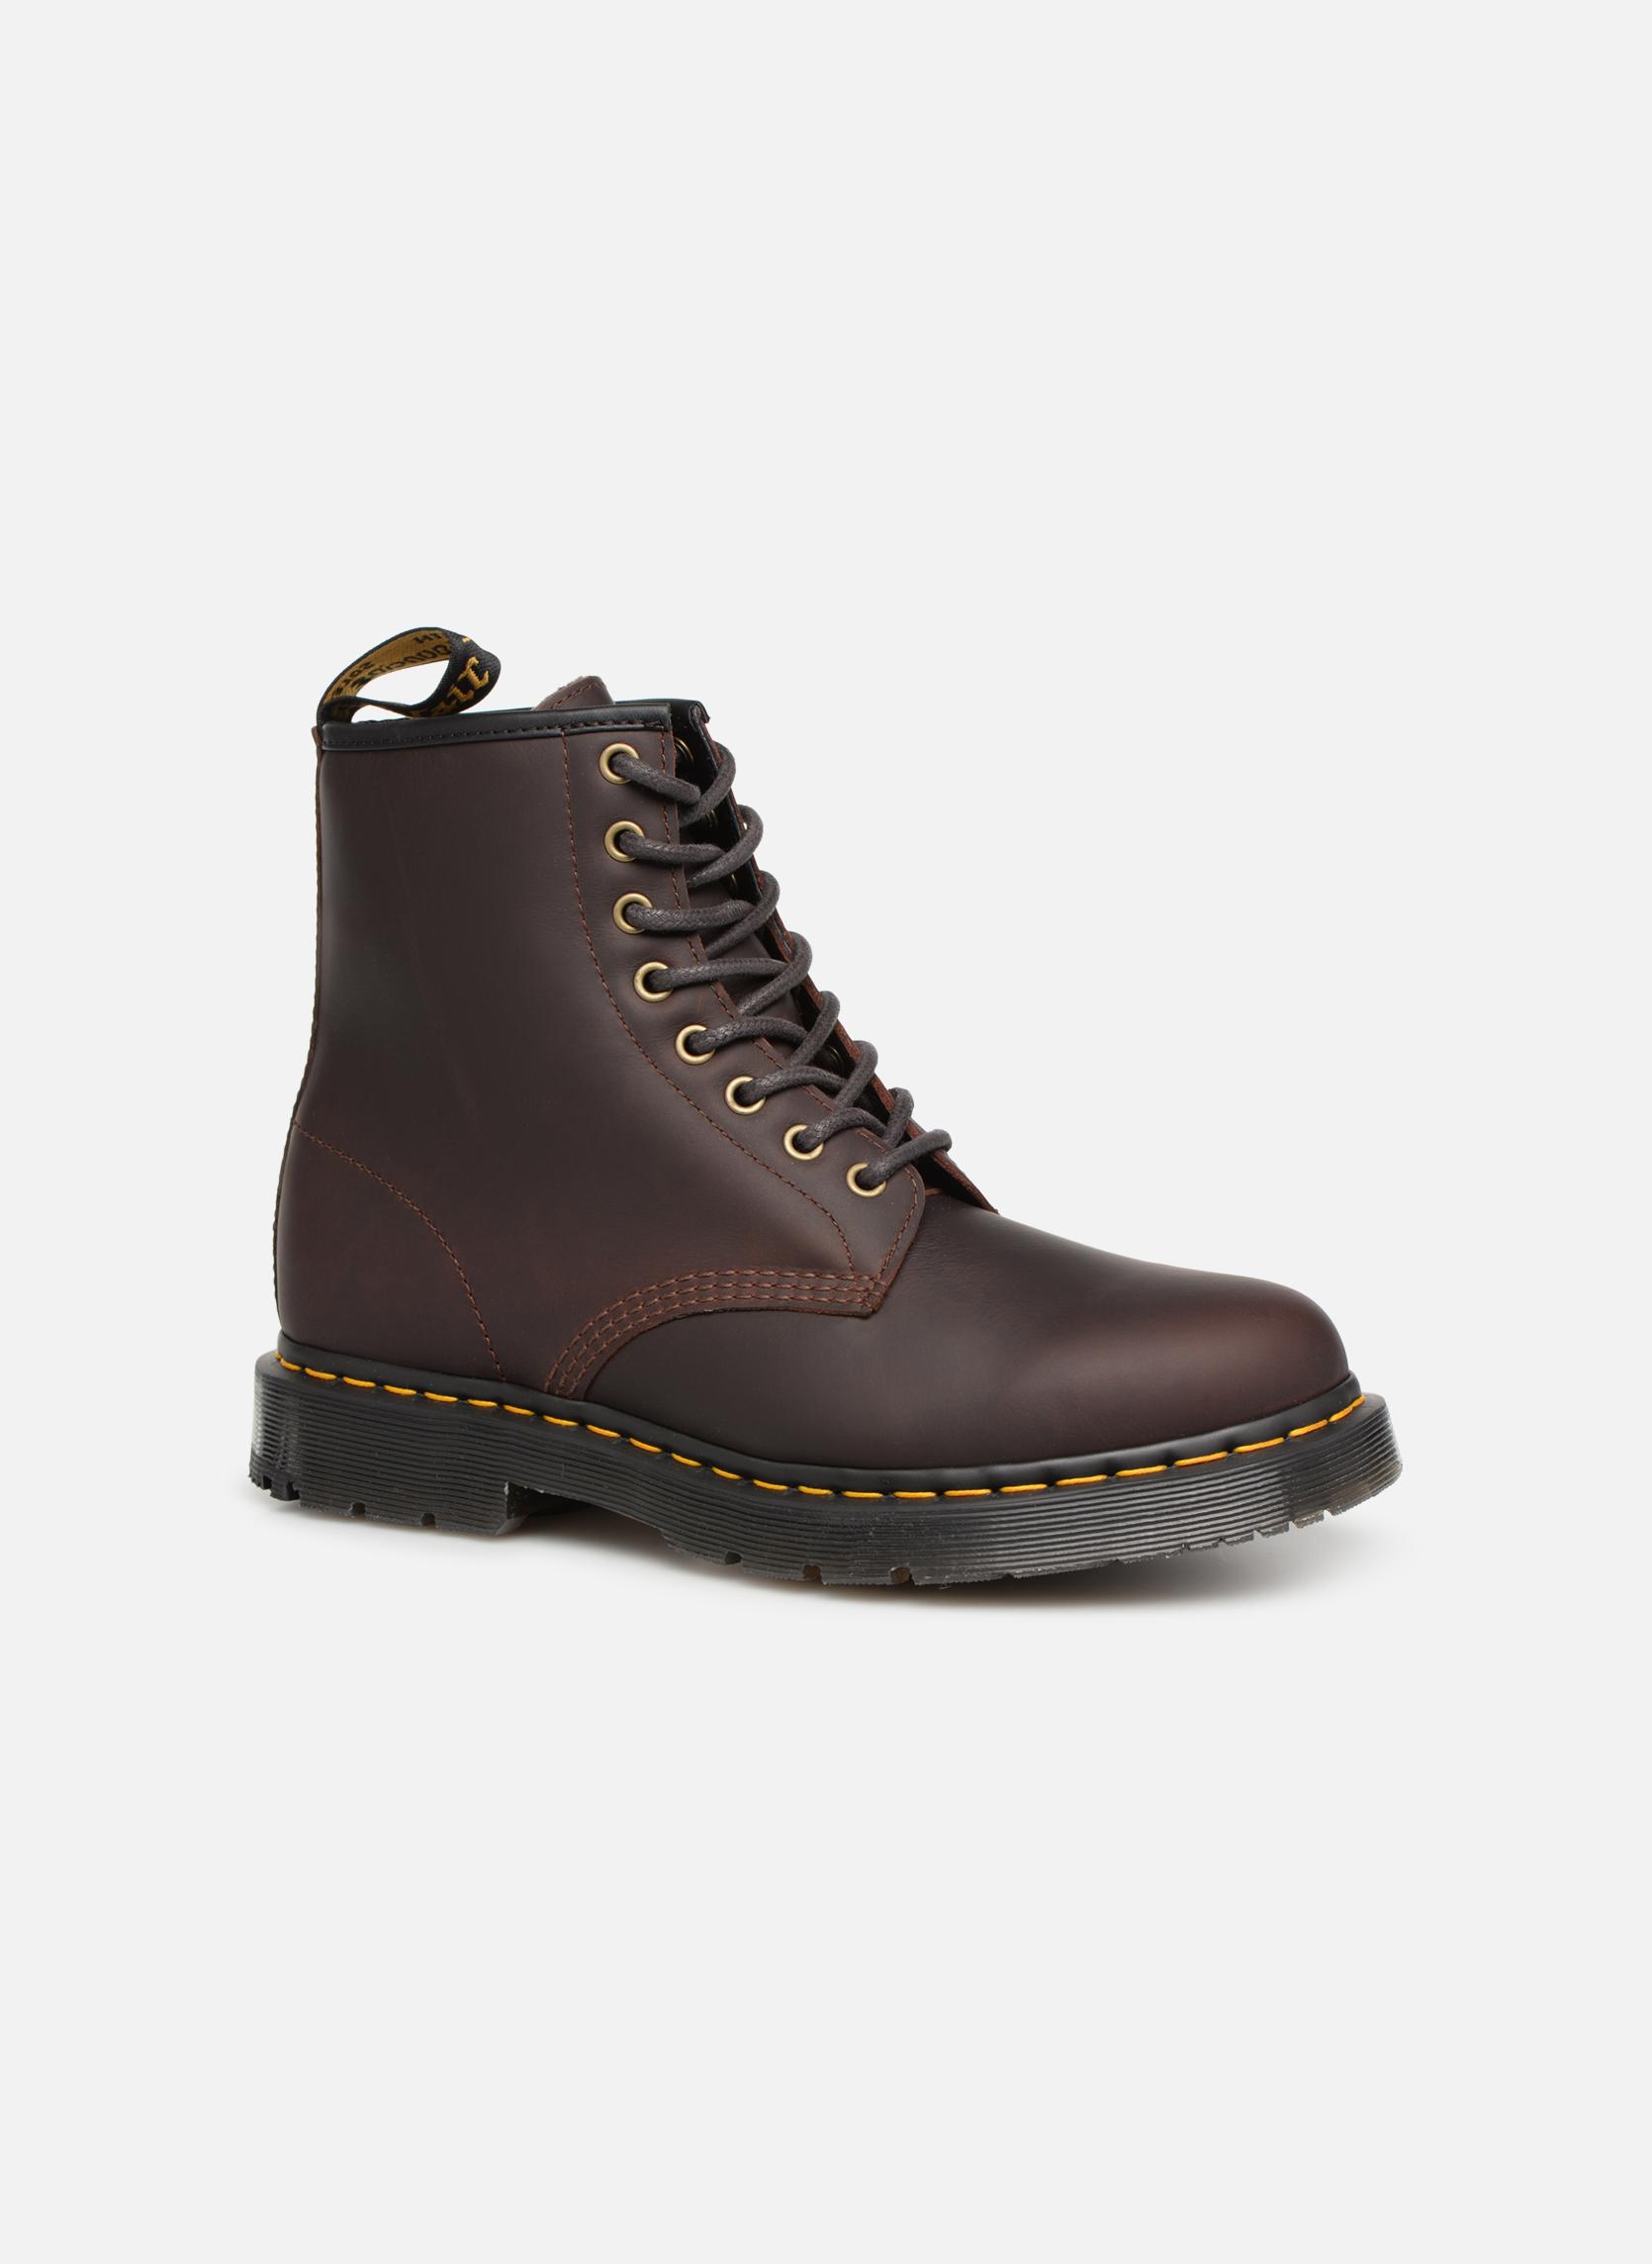 Boots en enkellaarsjes Heren 1460 M